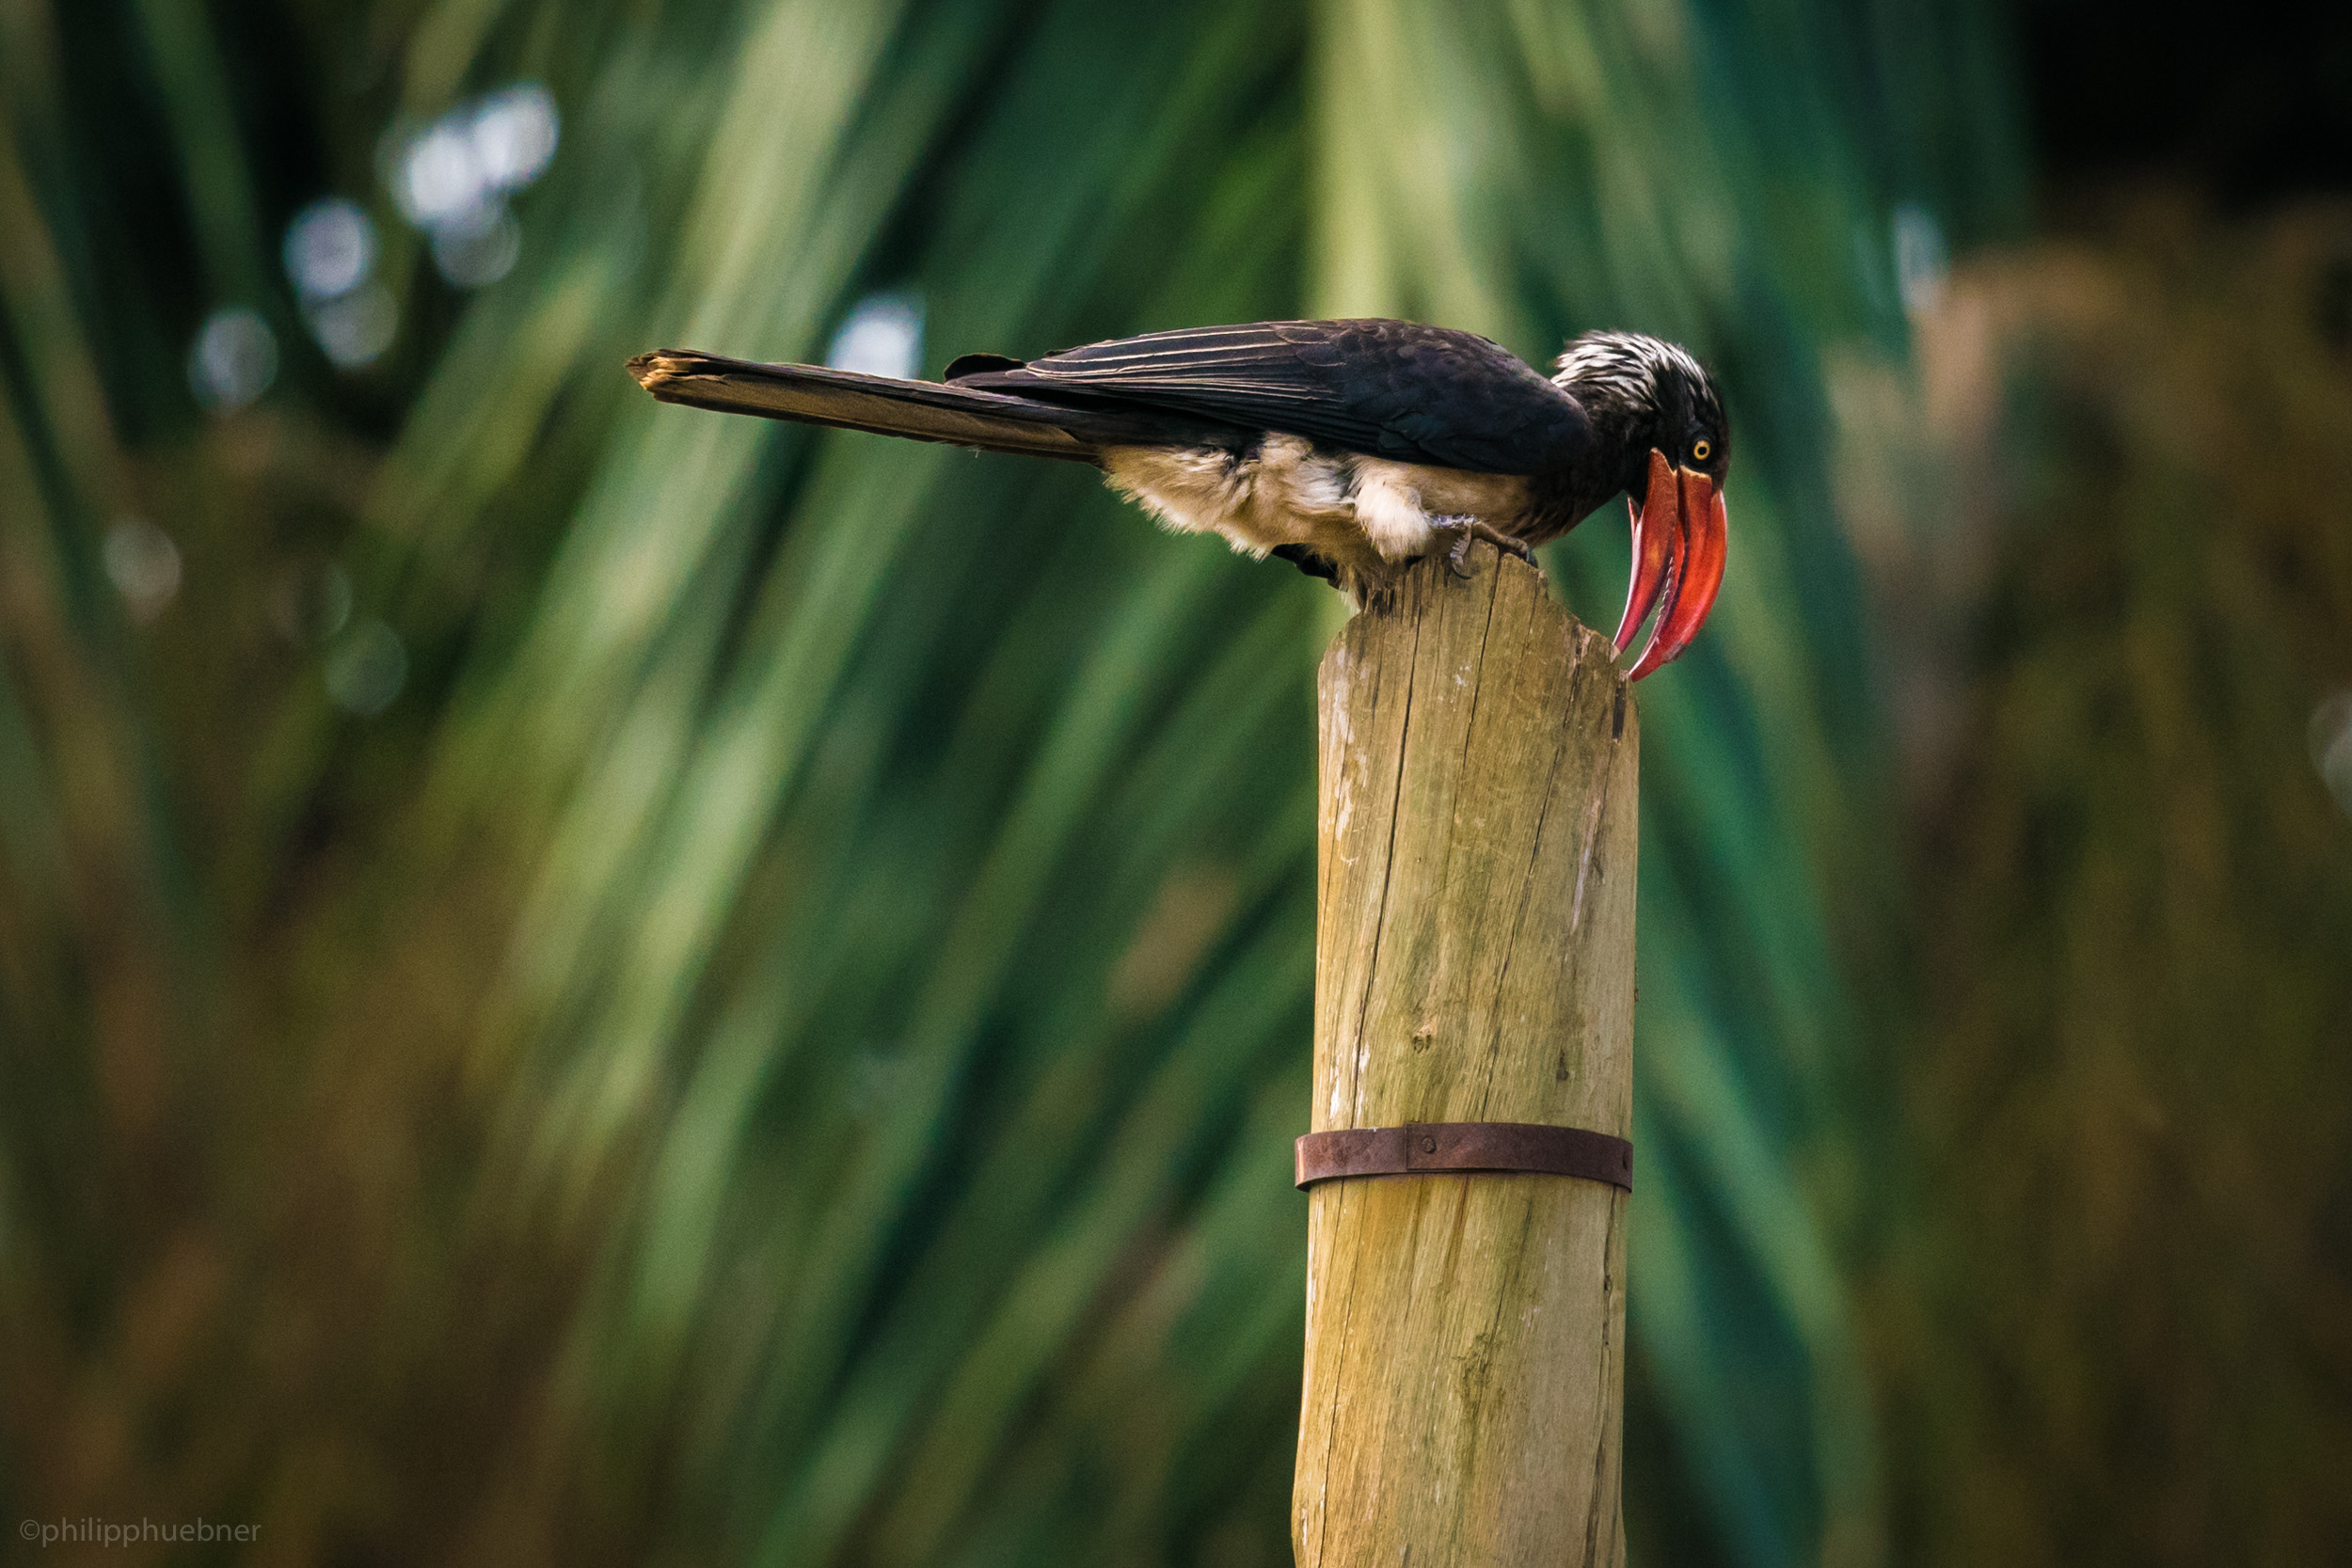 sharpening the beak